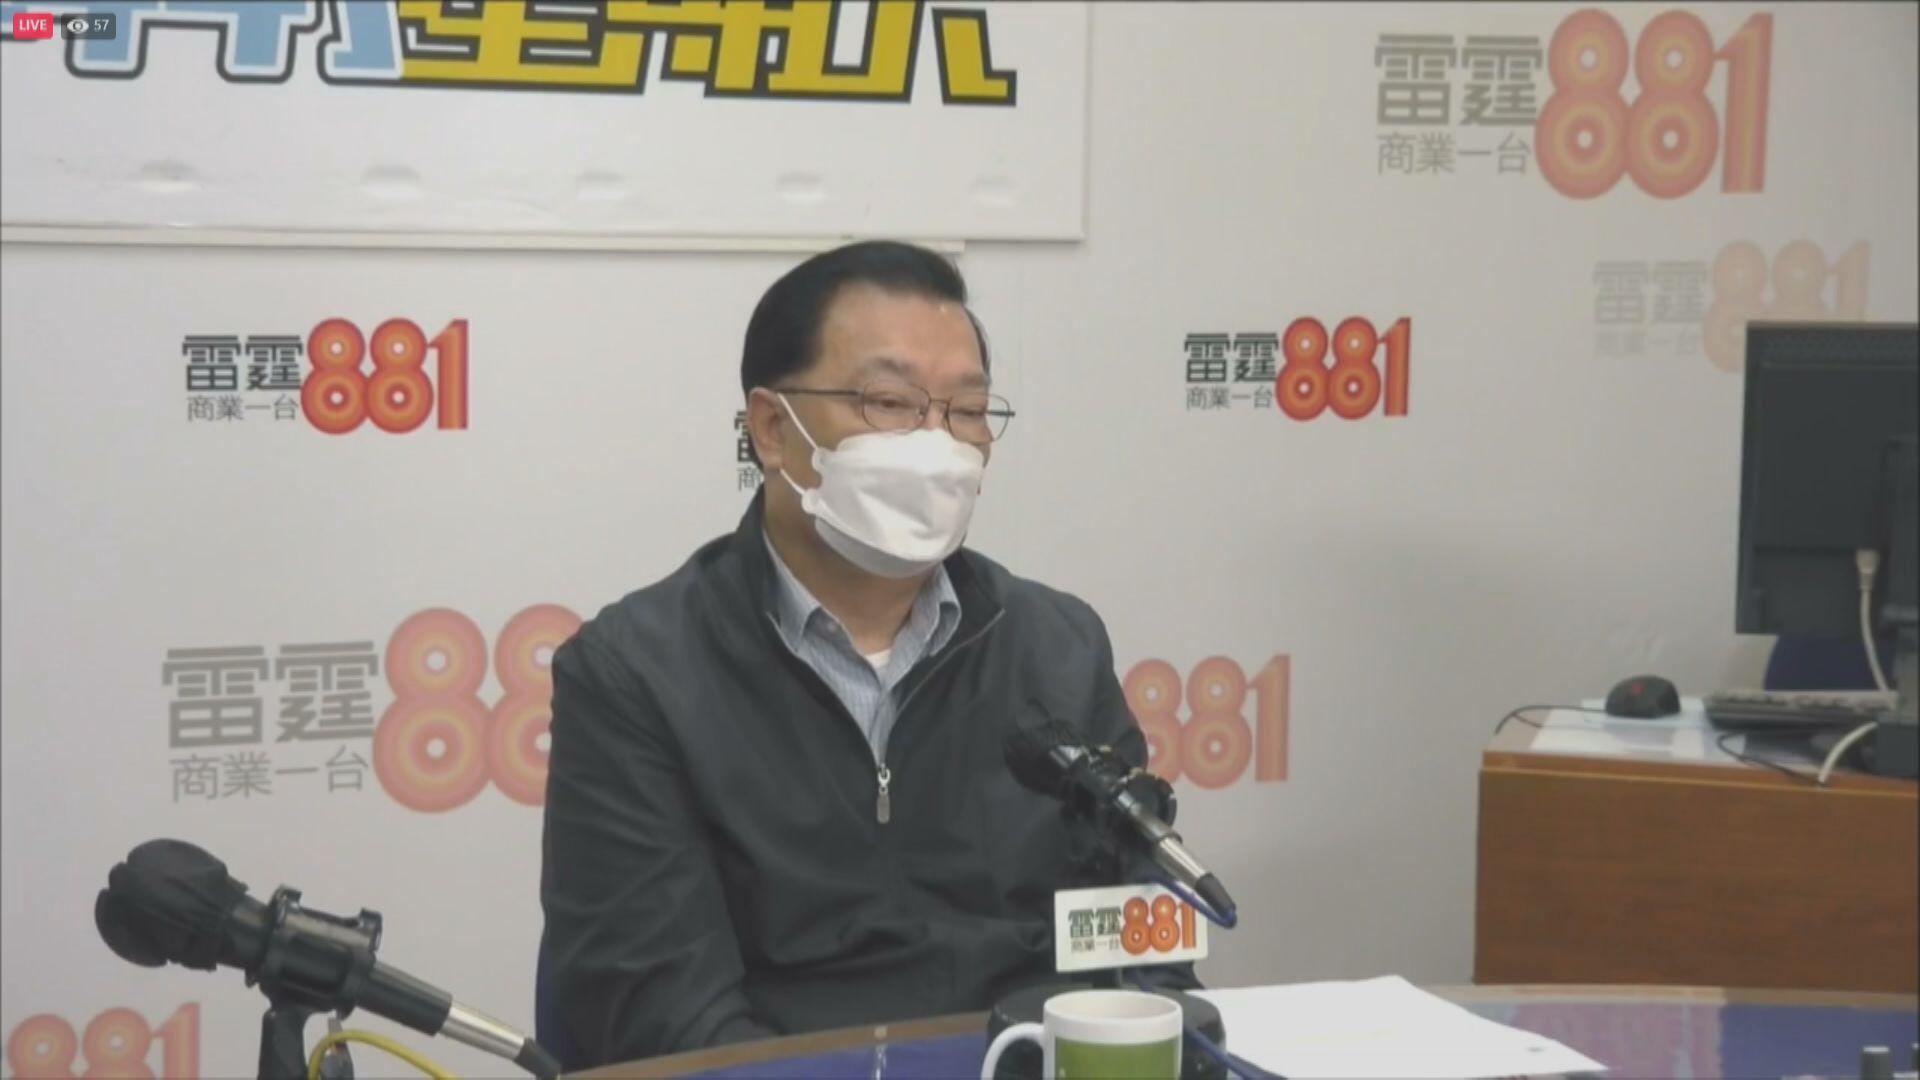 譚耀宗:回到中英聯合聲明層面討論不合時宜